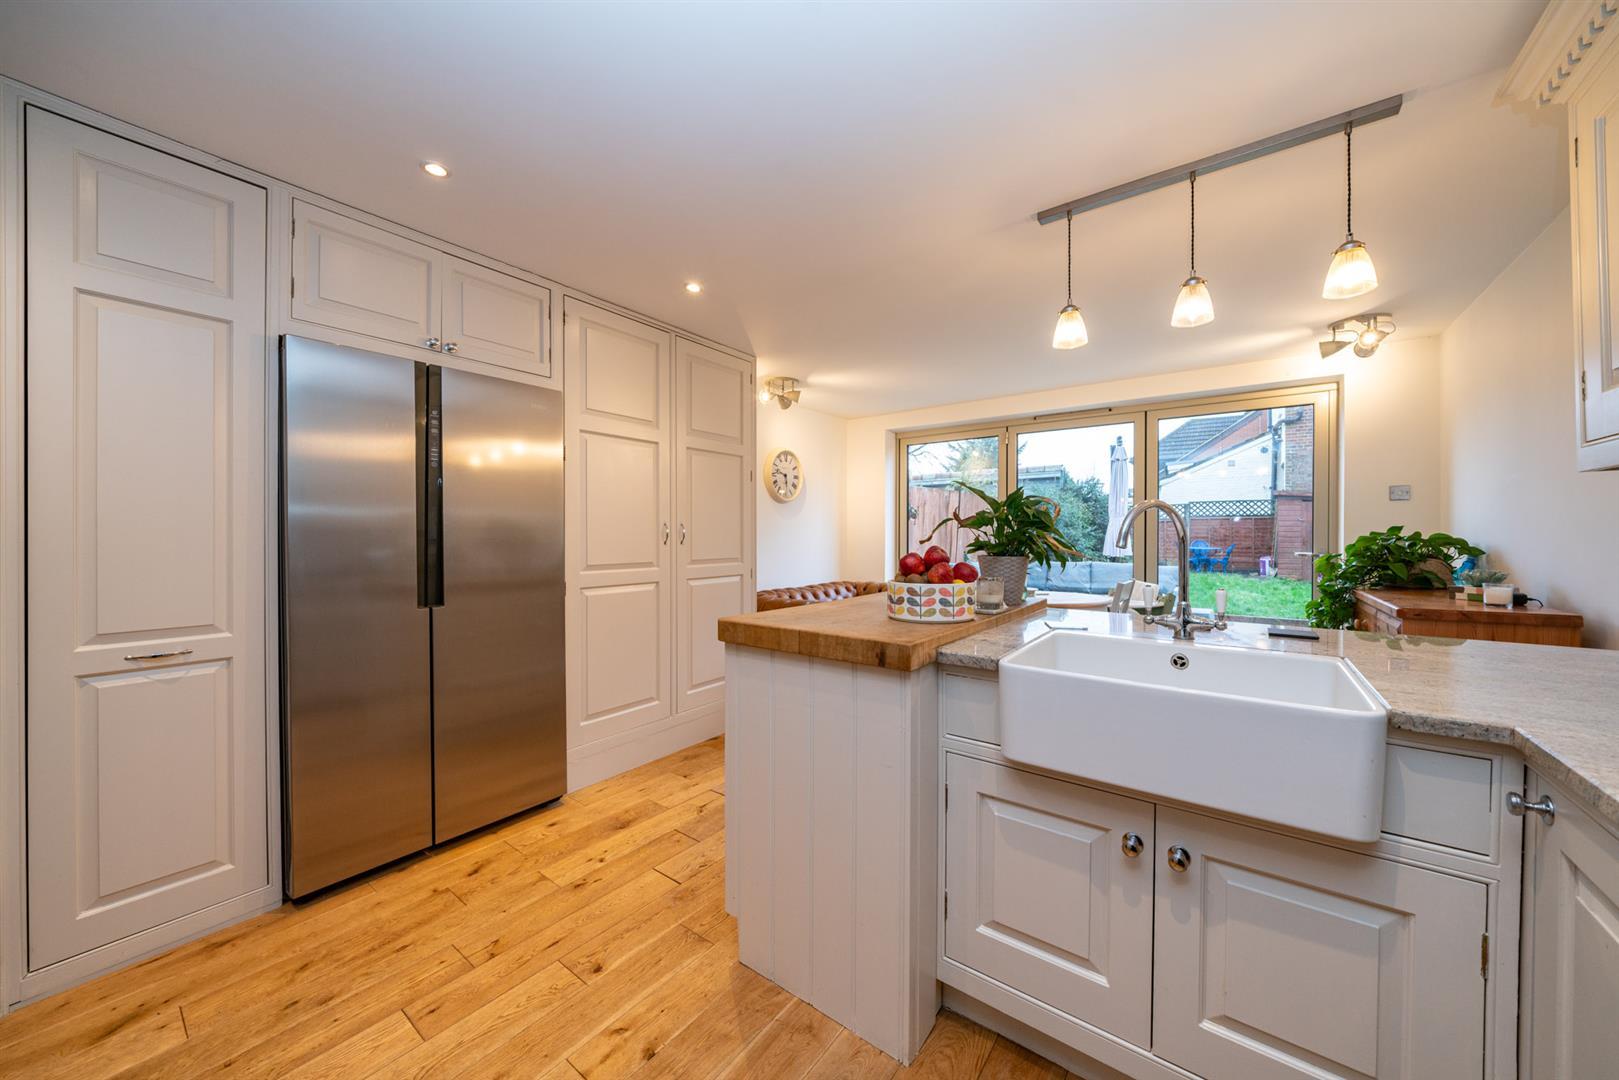 5-Cross-Oak-Road-4639 - kitchen.jpg